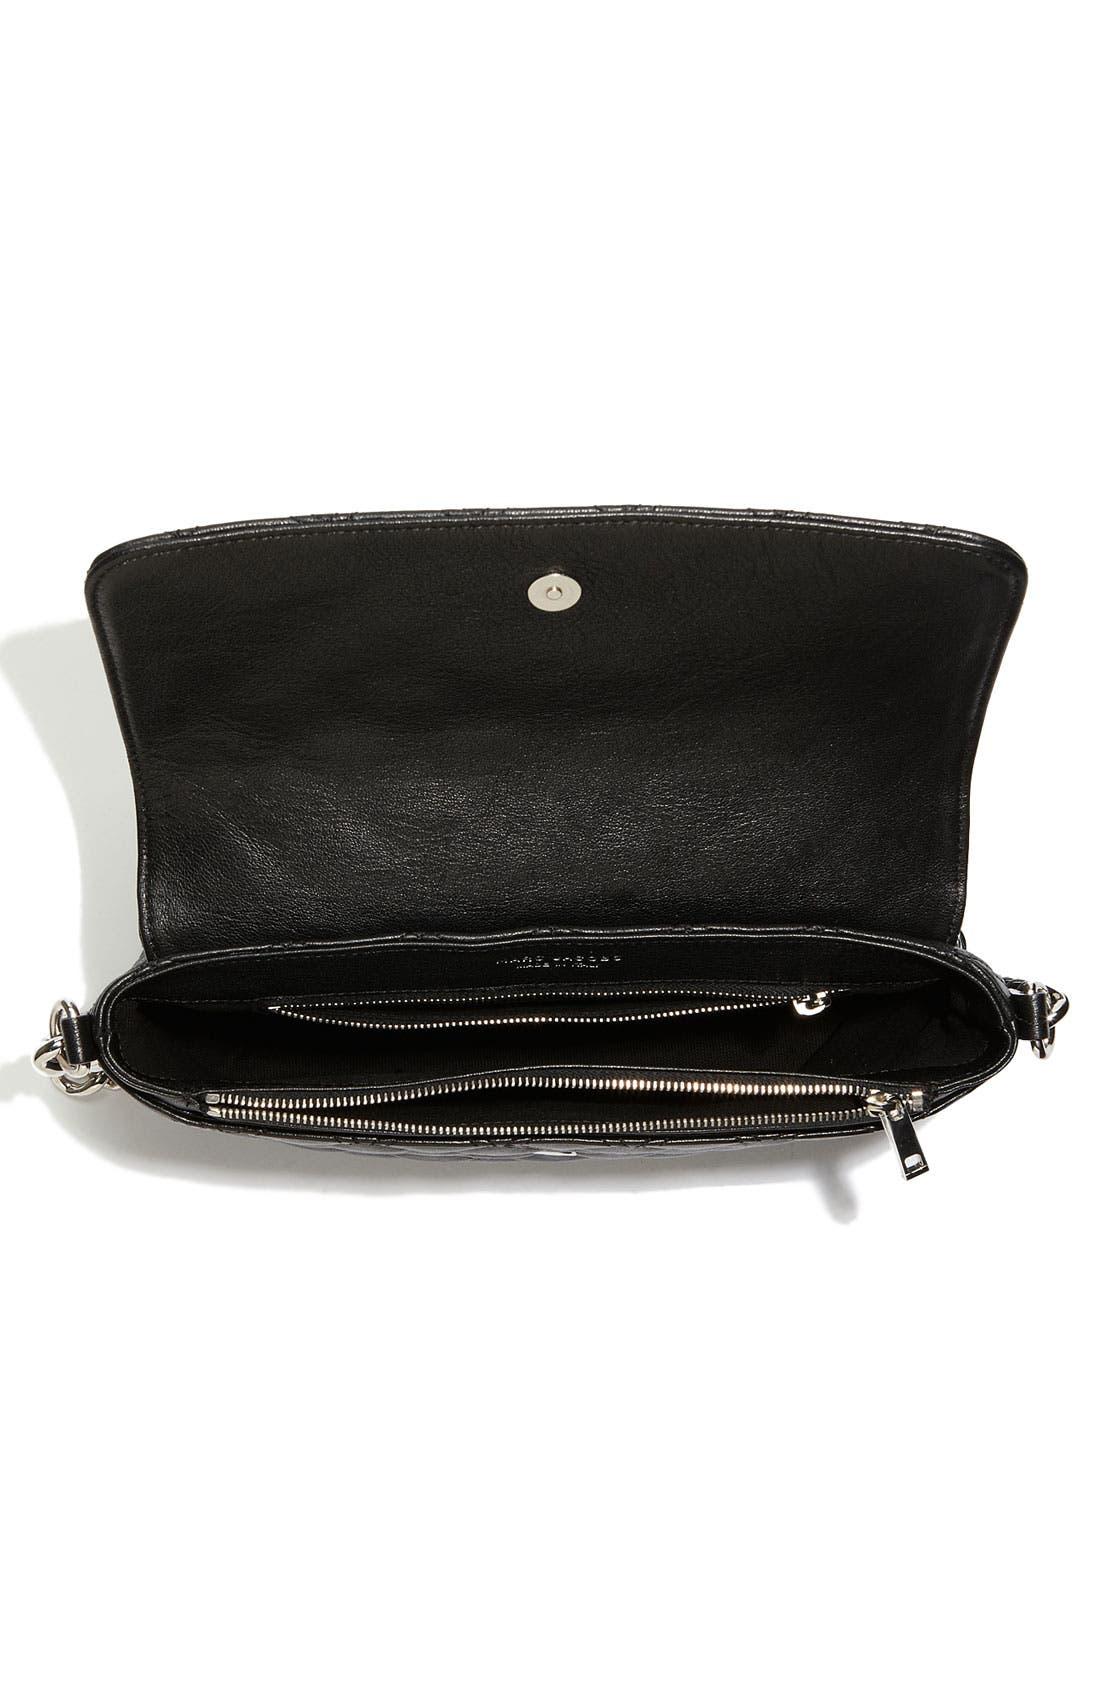 Alternate Image 2  - MARC JACOBS 'The Large Single' Shoulder Bag